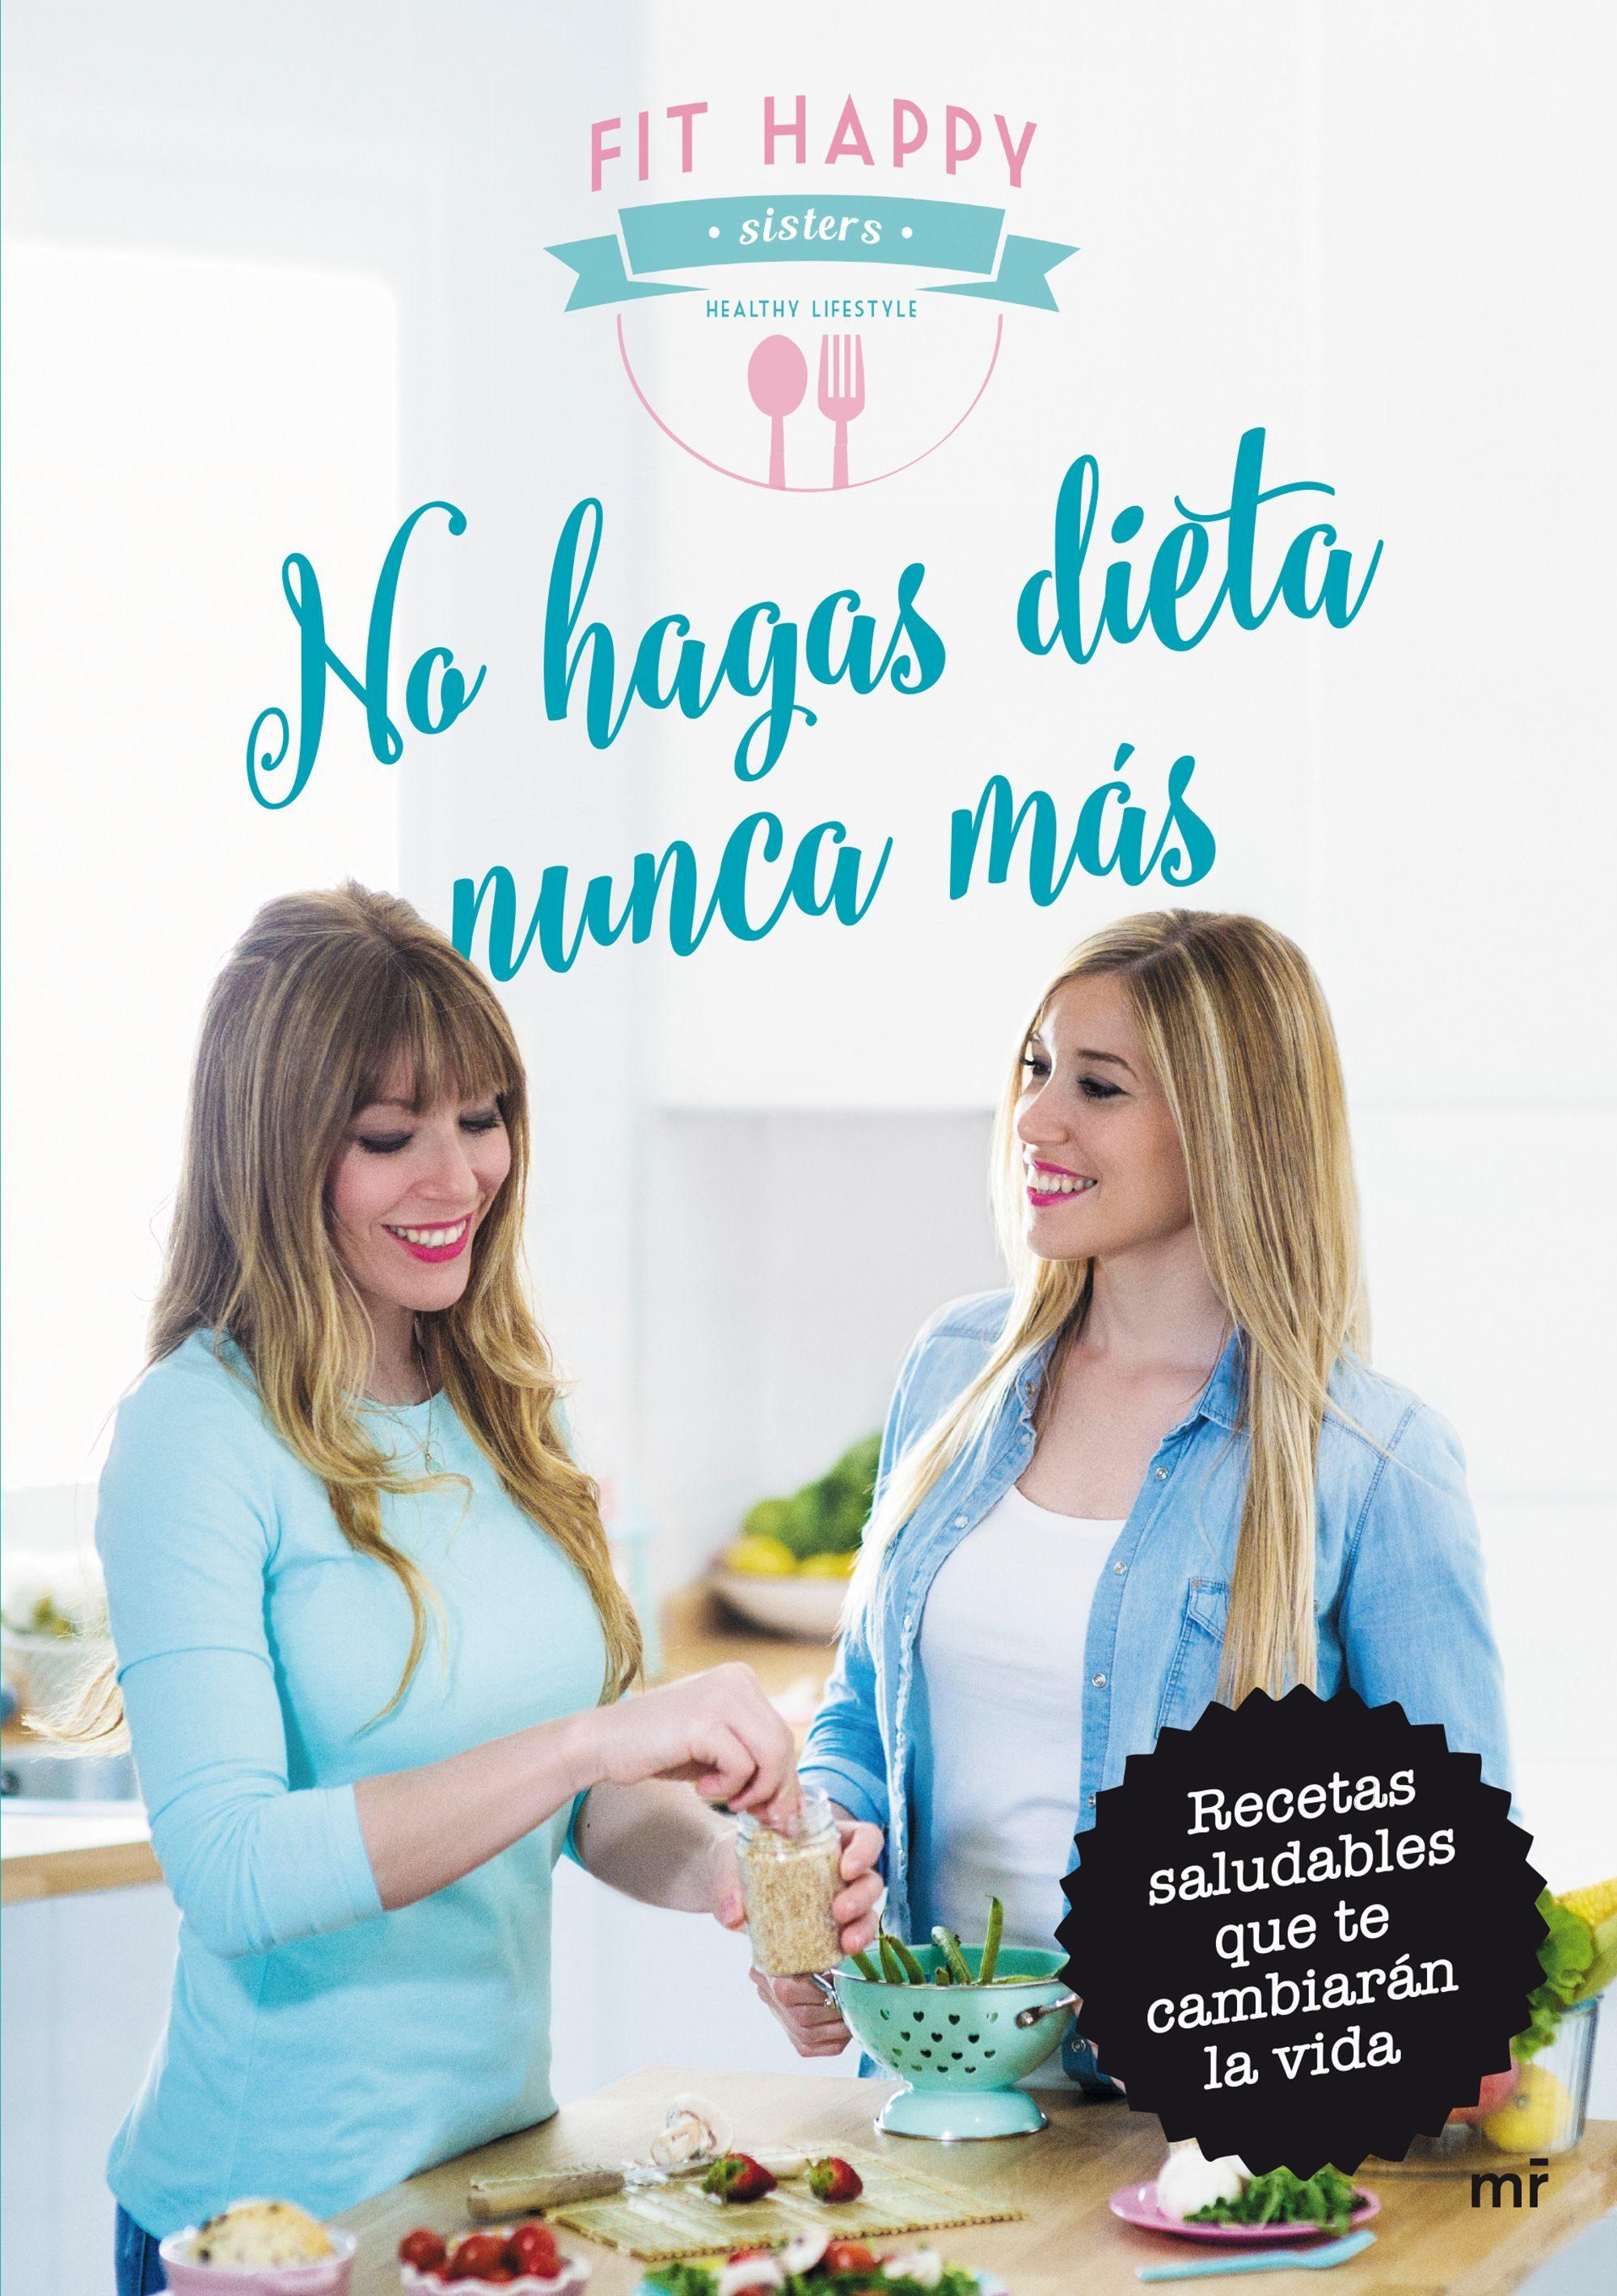 No Hagas Dieta Nunca Mas por Fit Happy Sisters